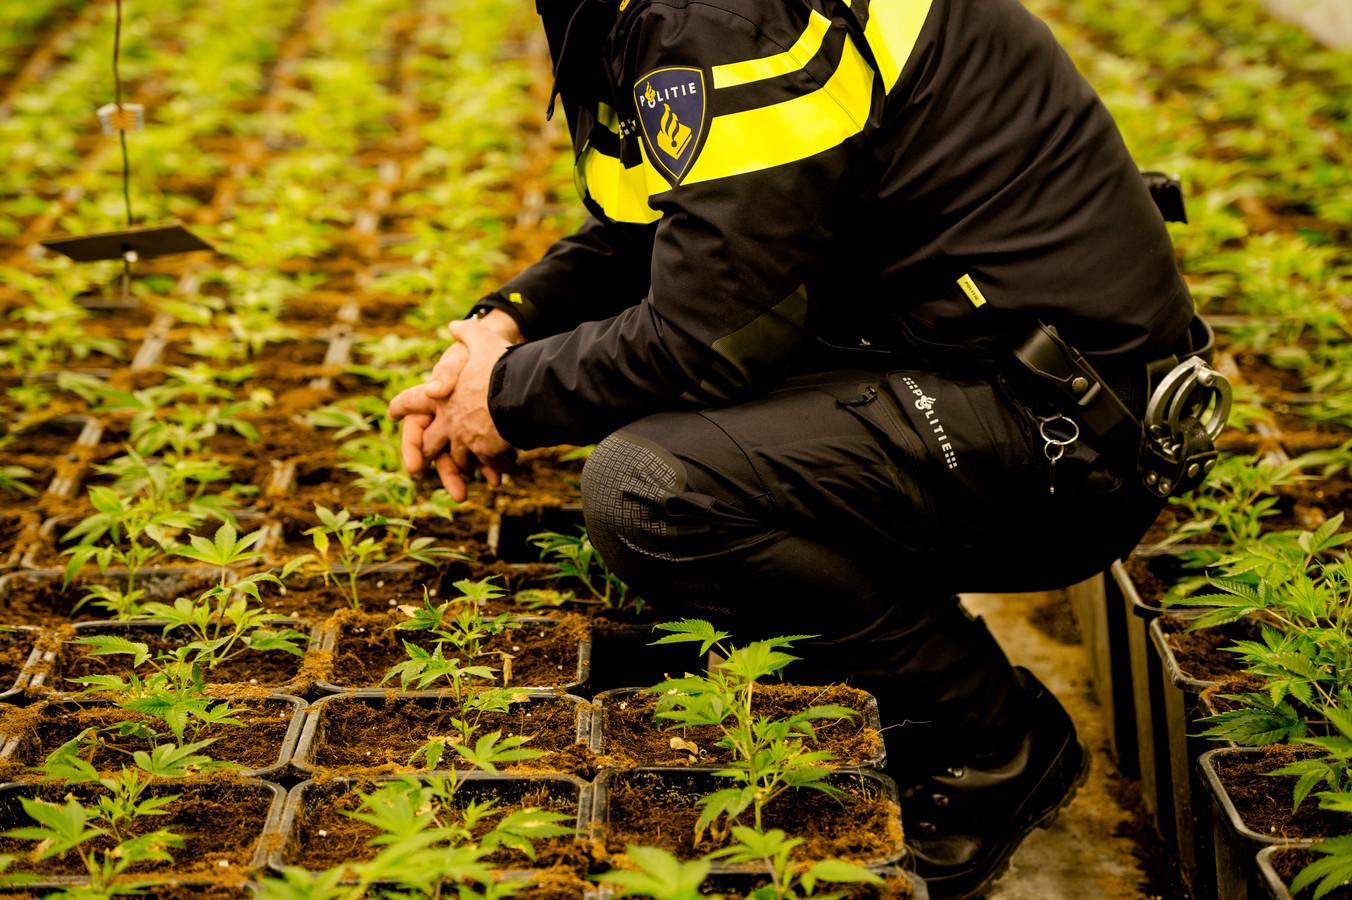 In Twello vond de politie drie kweekruimtes met ruim 500 planten.